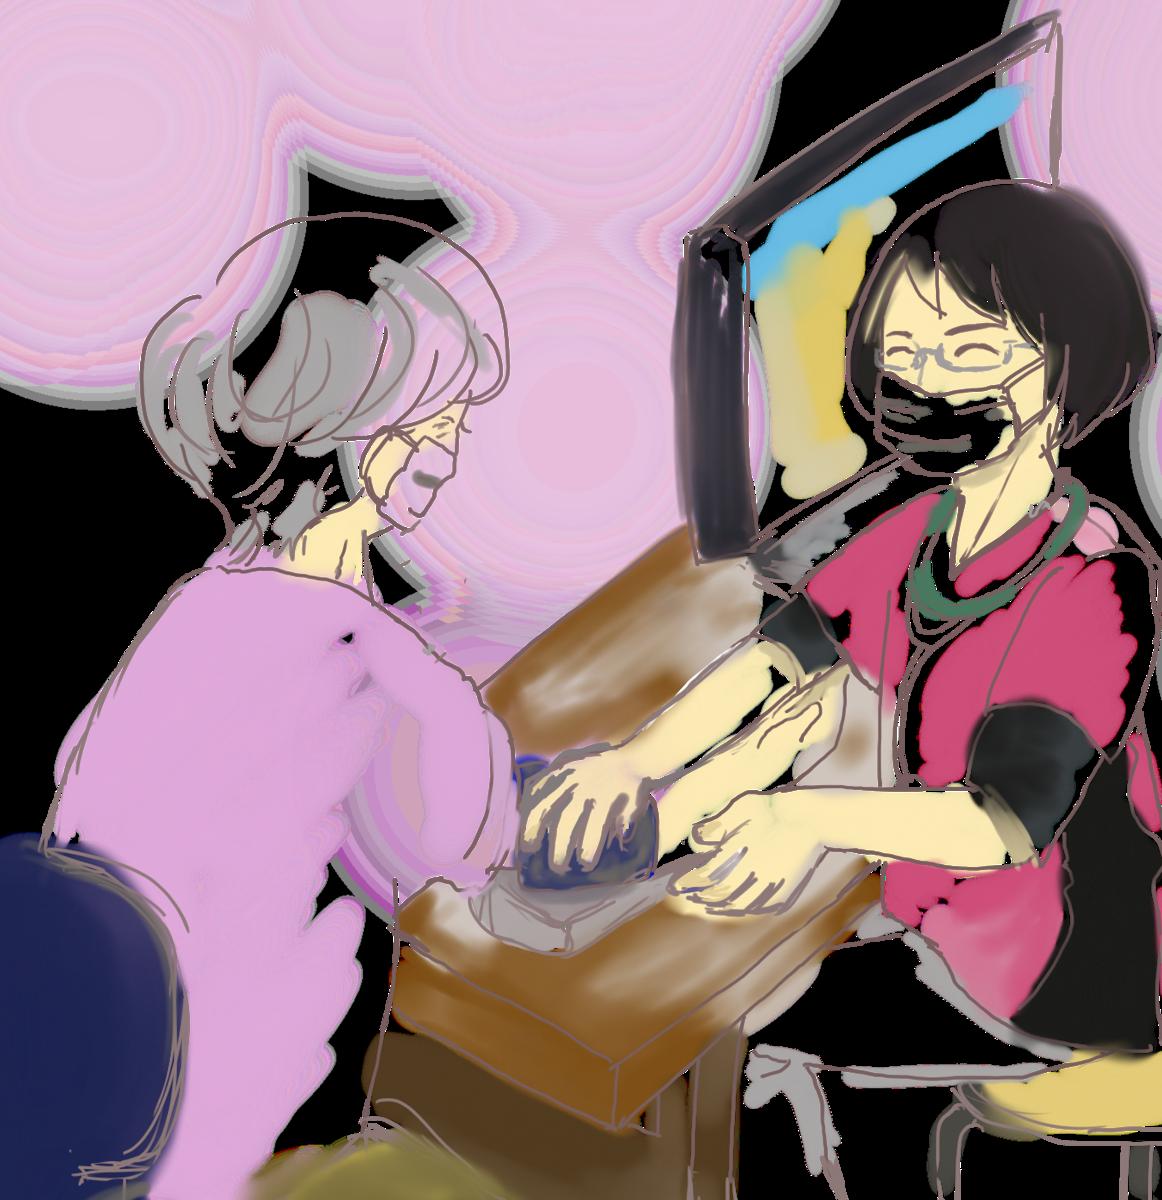 f:id:midori-nurse:20200422172318p:plain